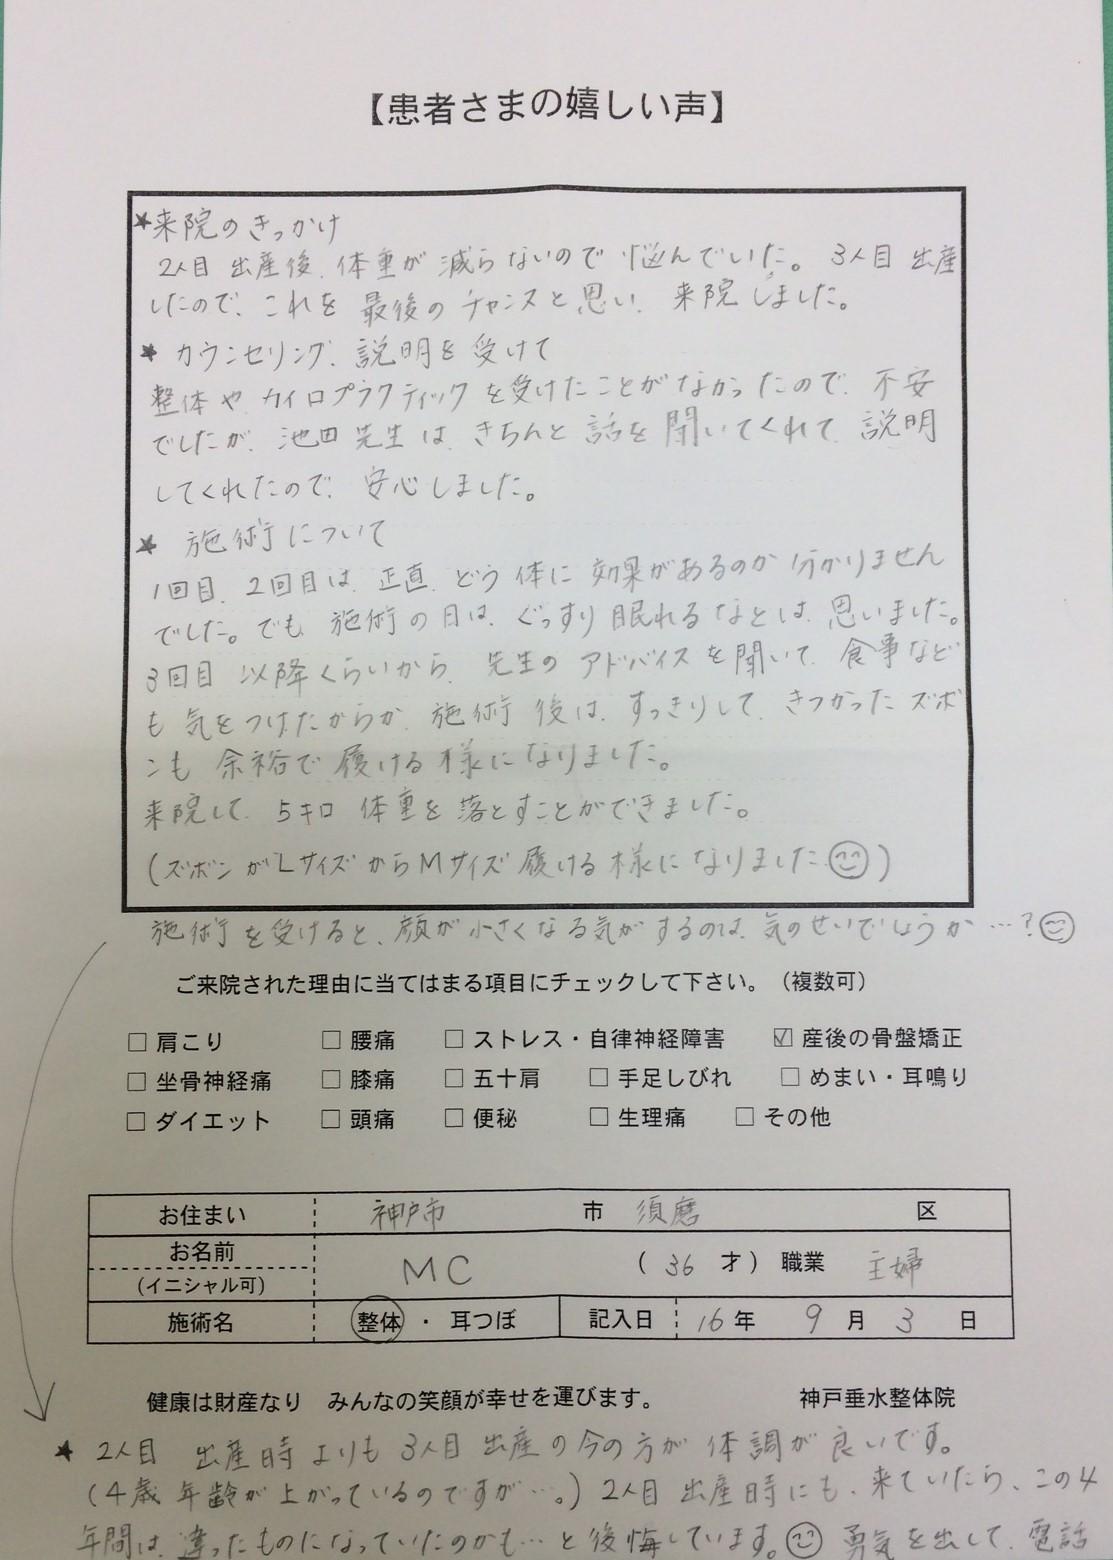 産後骨盤矯正 神戸市須磨区 M.C様 36才 主婦.jpg